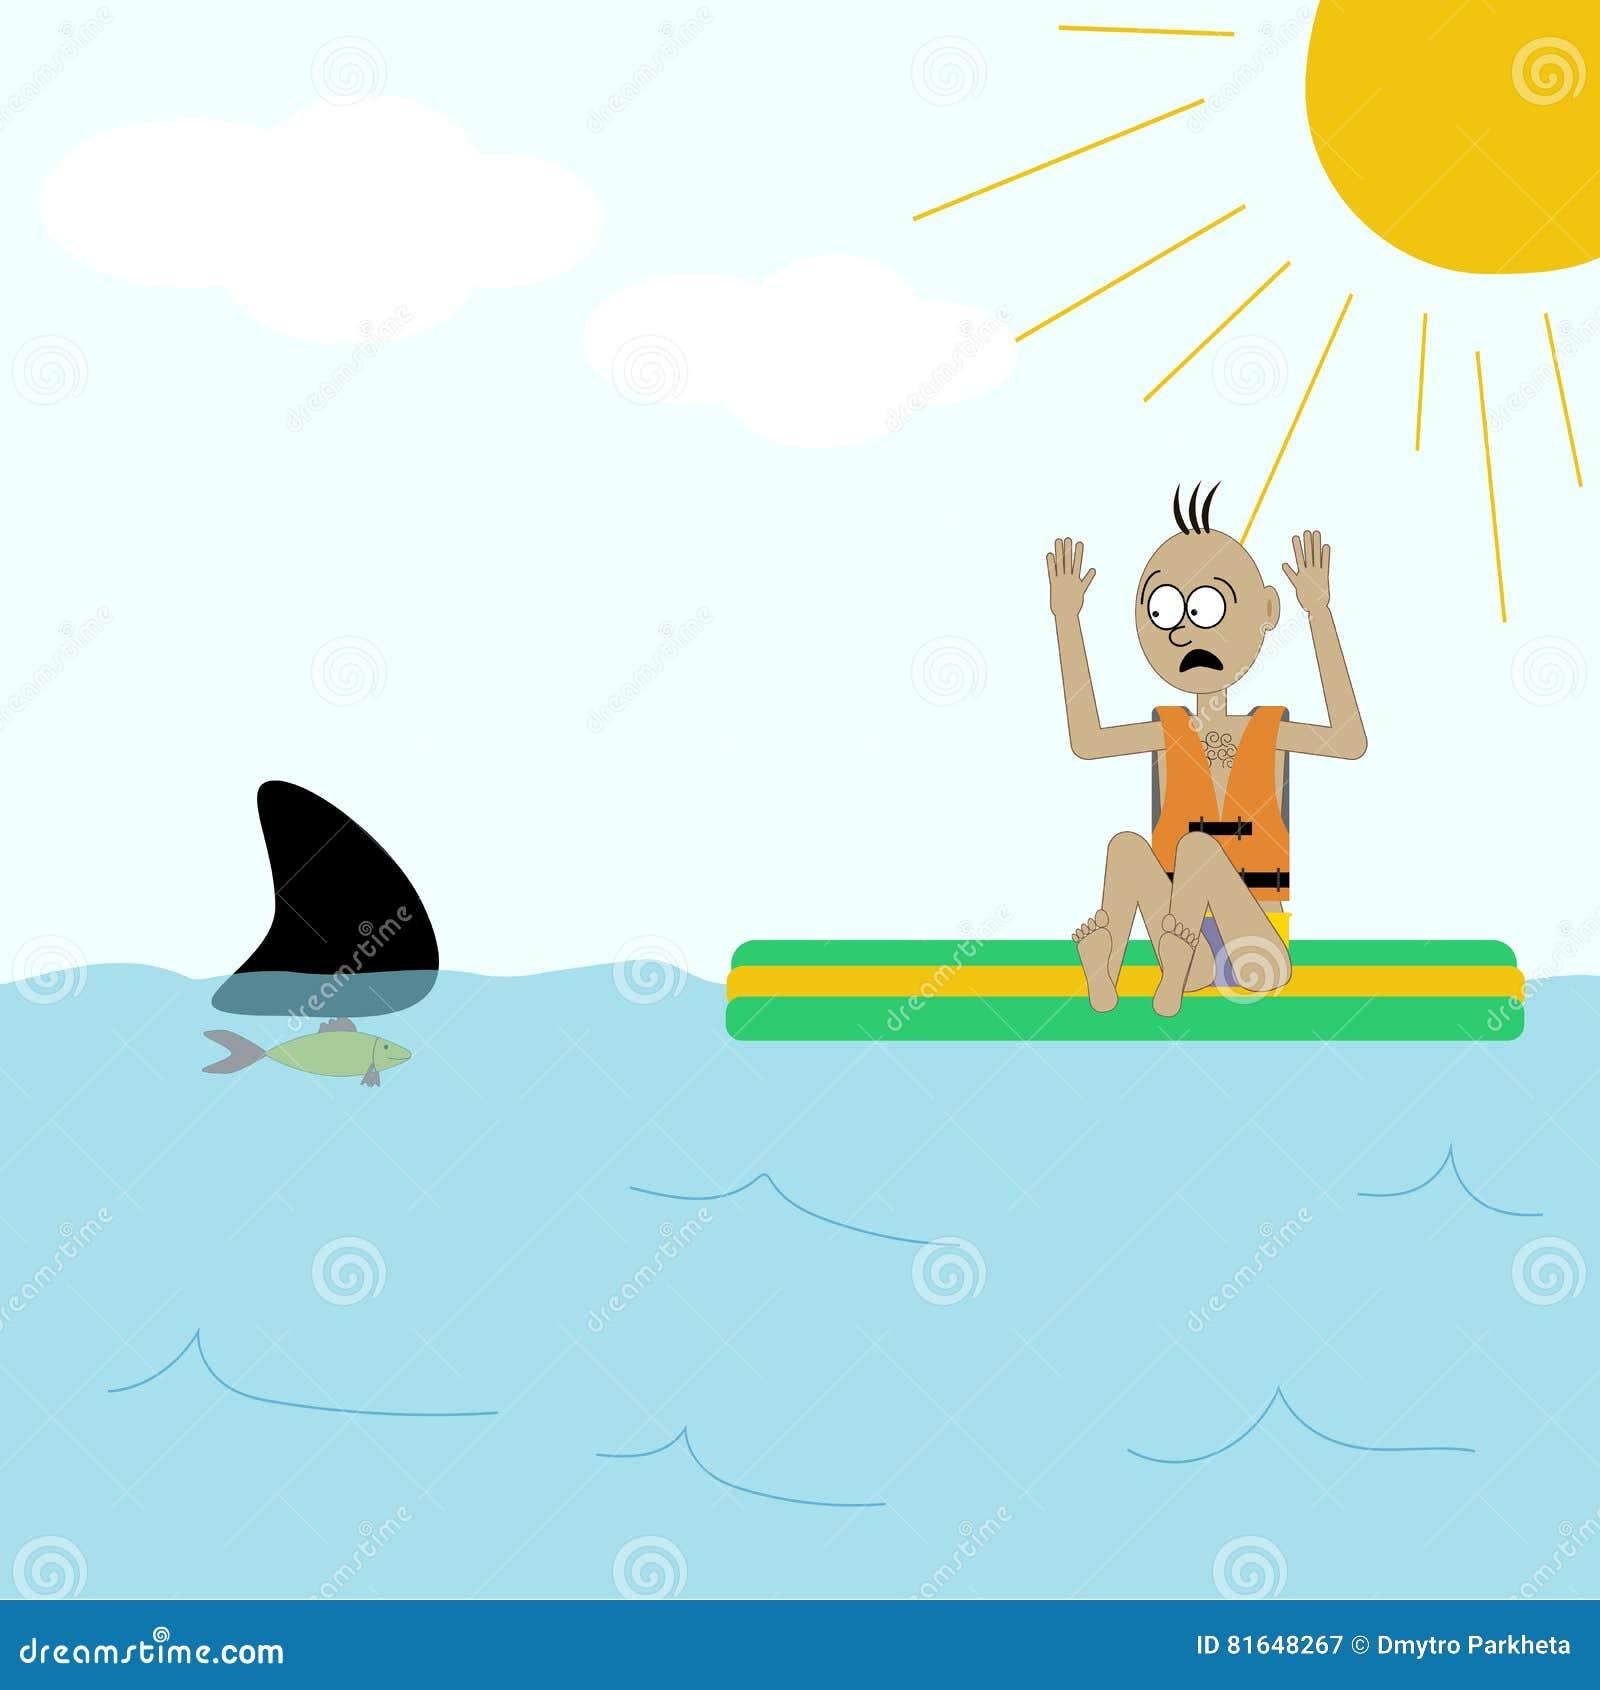 Shark attack illustration stock vector  Illustration of